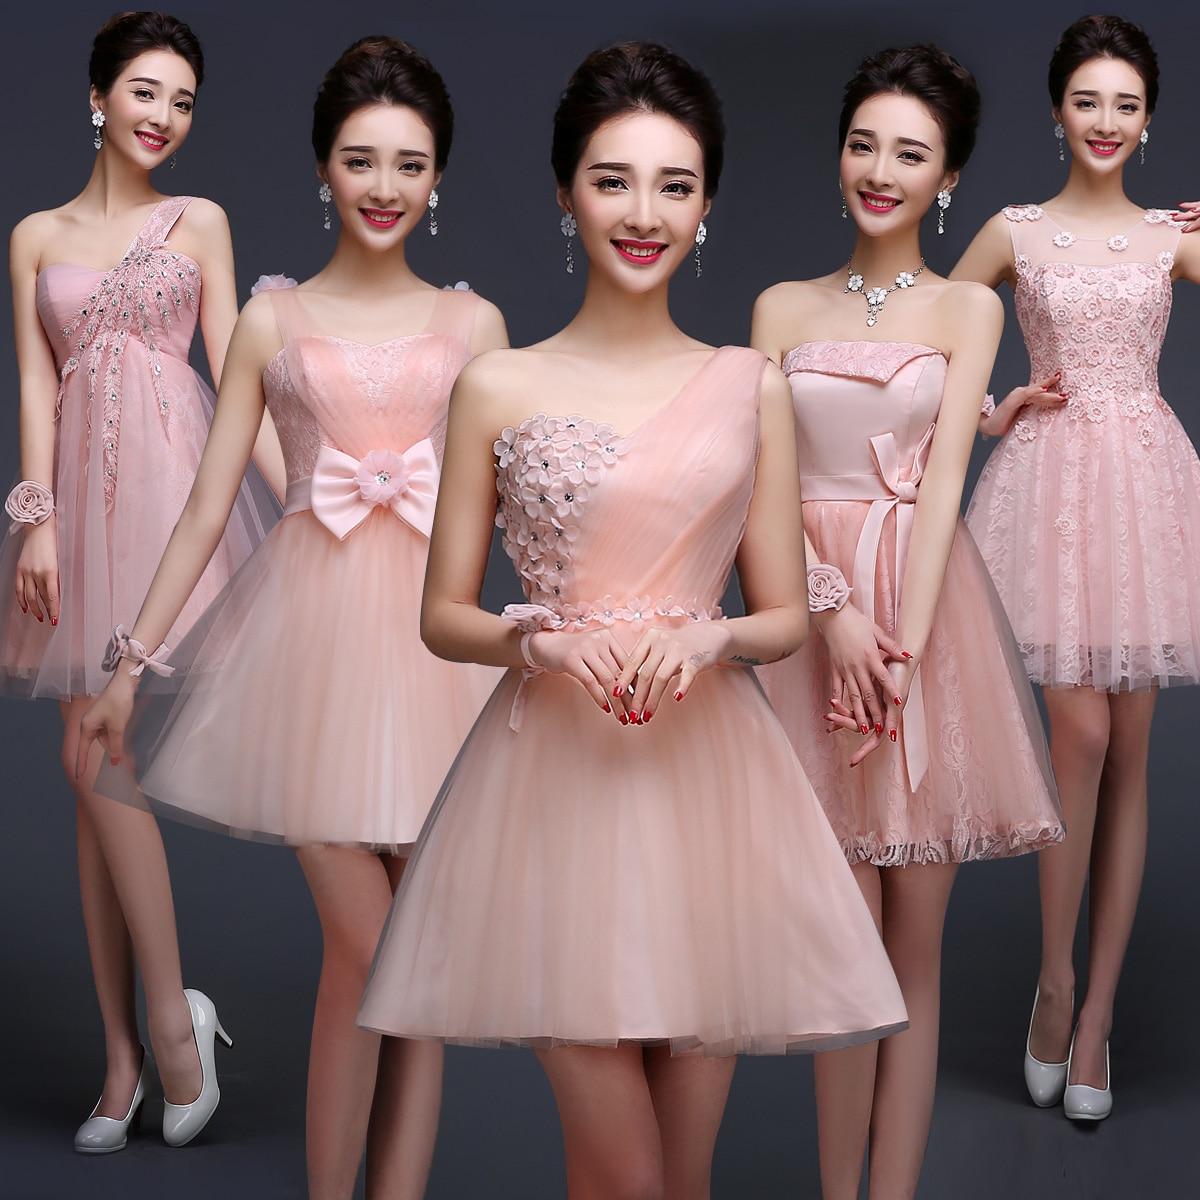 Asombroso Lindo Vestidos De Dama Baratos Motivo - Colección de ...